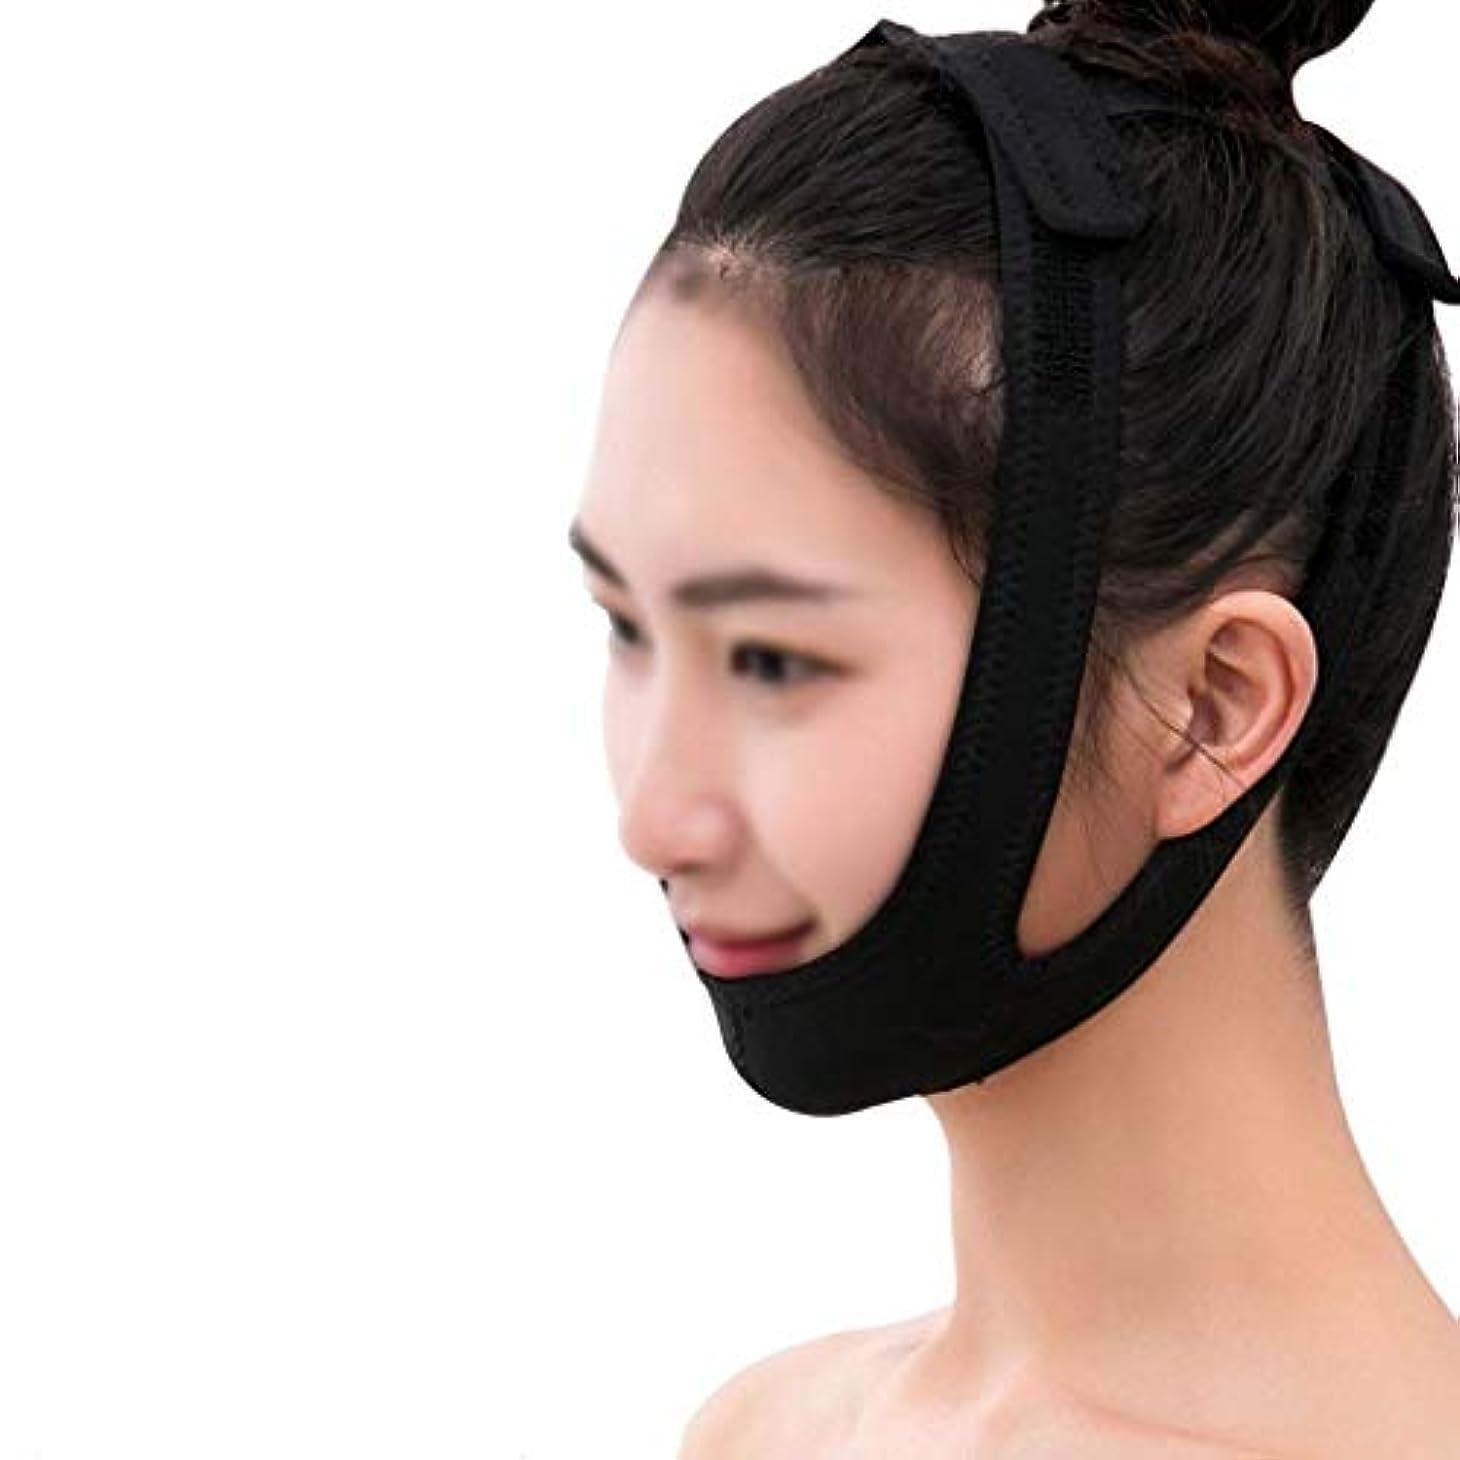 億沿って香水フェイシャルリフティングマスク、医療用ワイヤーカービングリカバリーヘッドギアVフェイスバンデージダブルチンフェイスリフトマスク